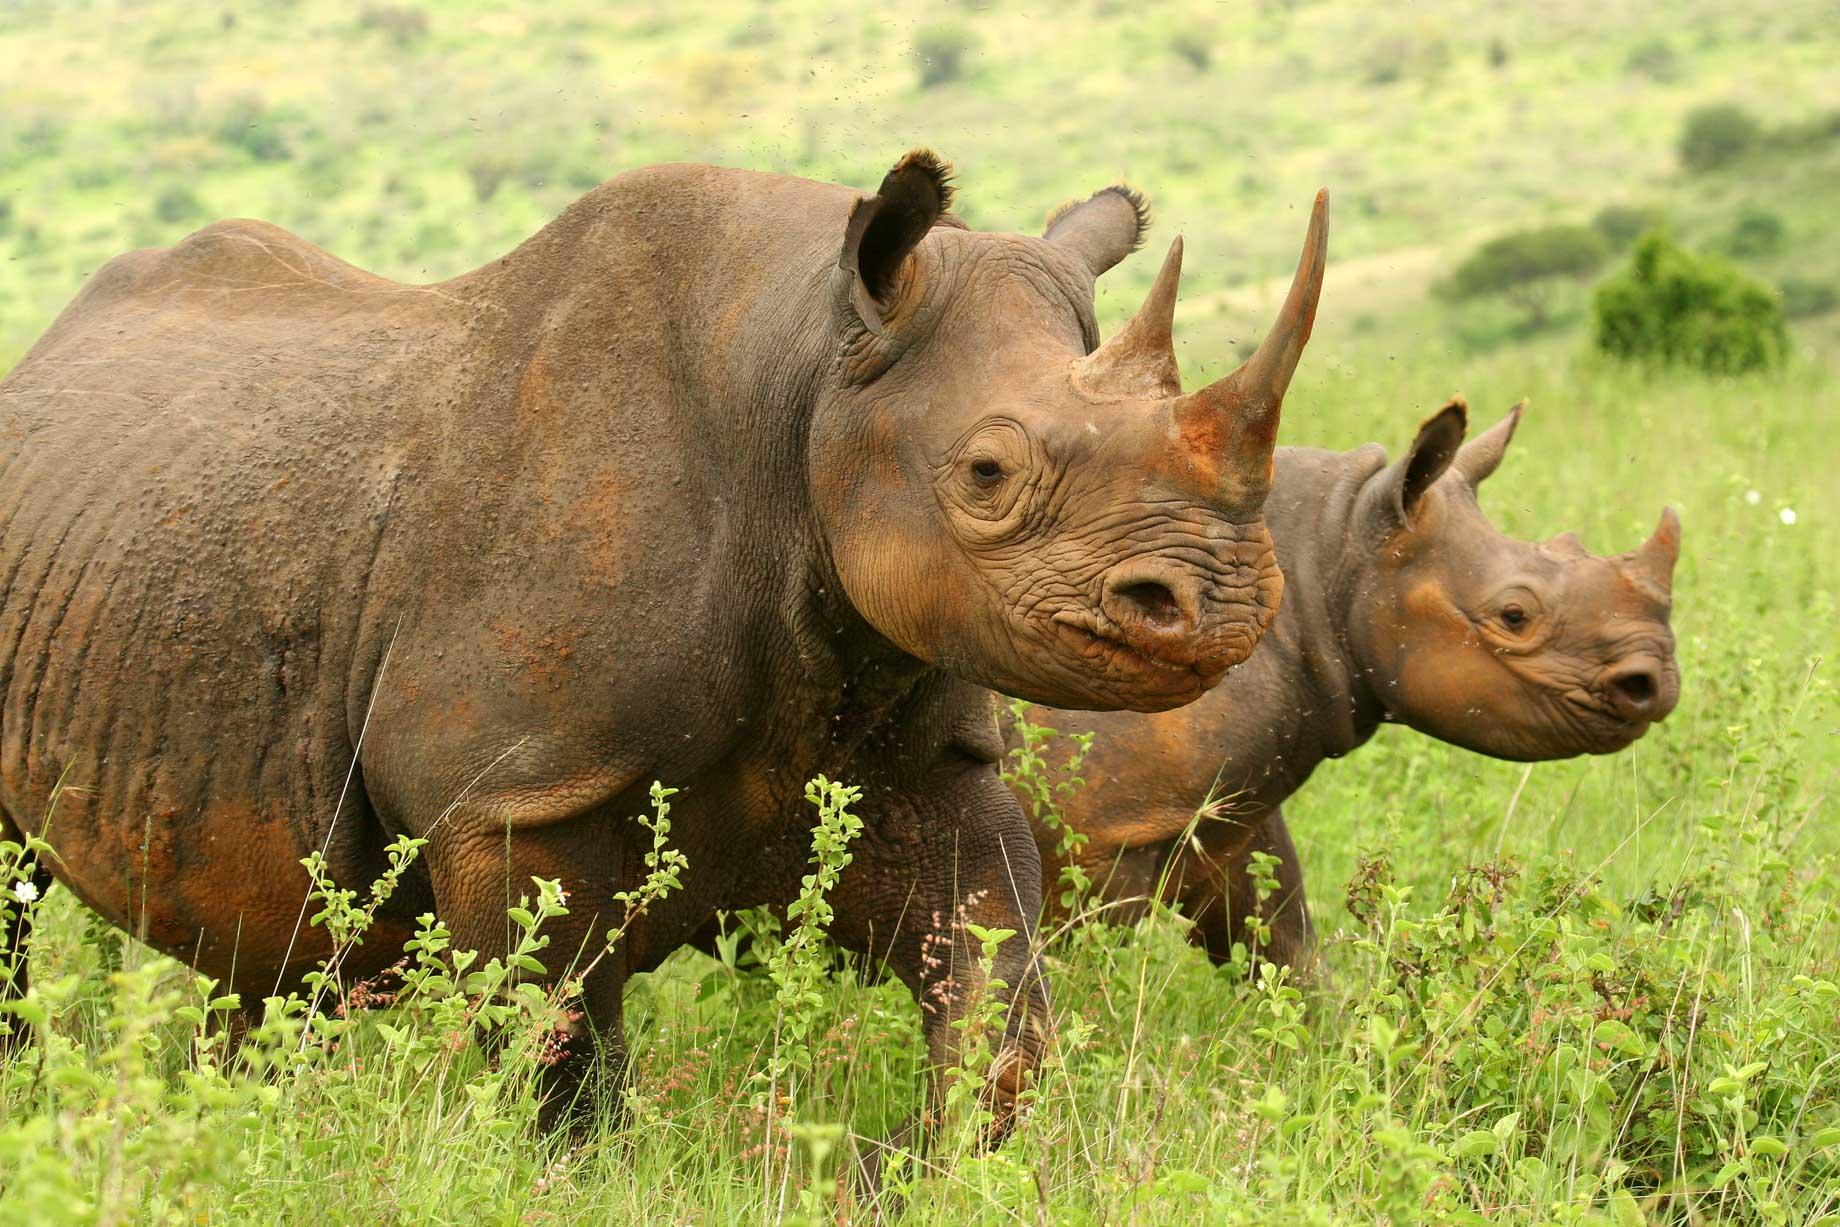 Hippopotamus in Nairobi